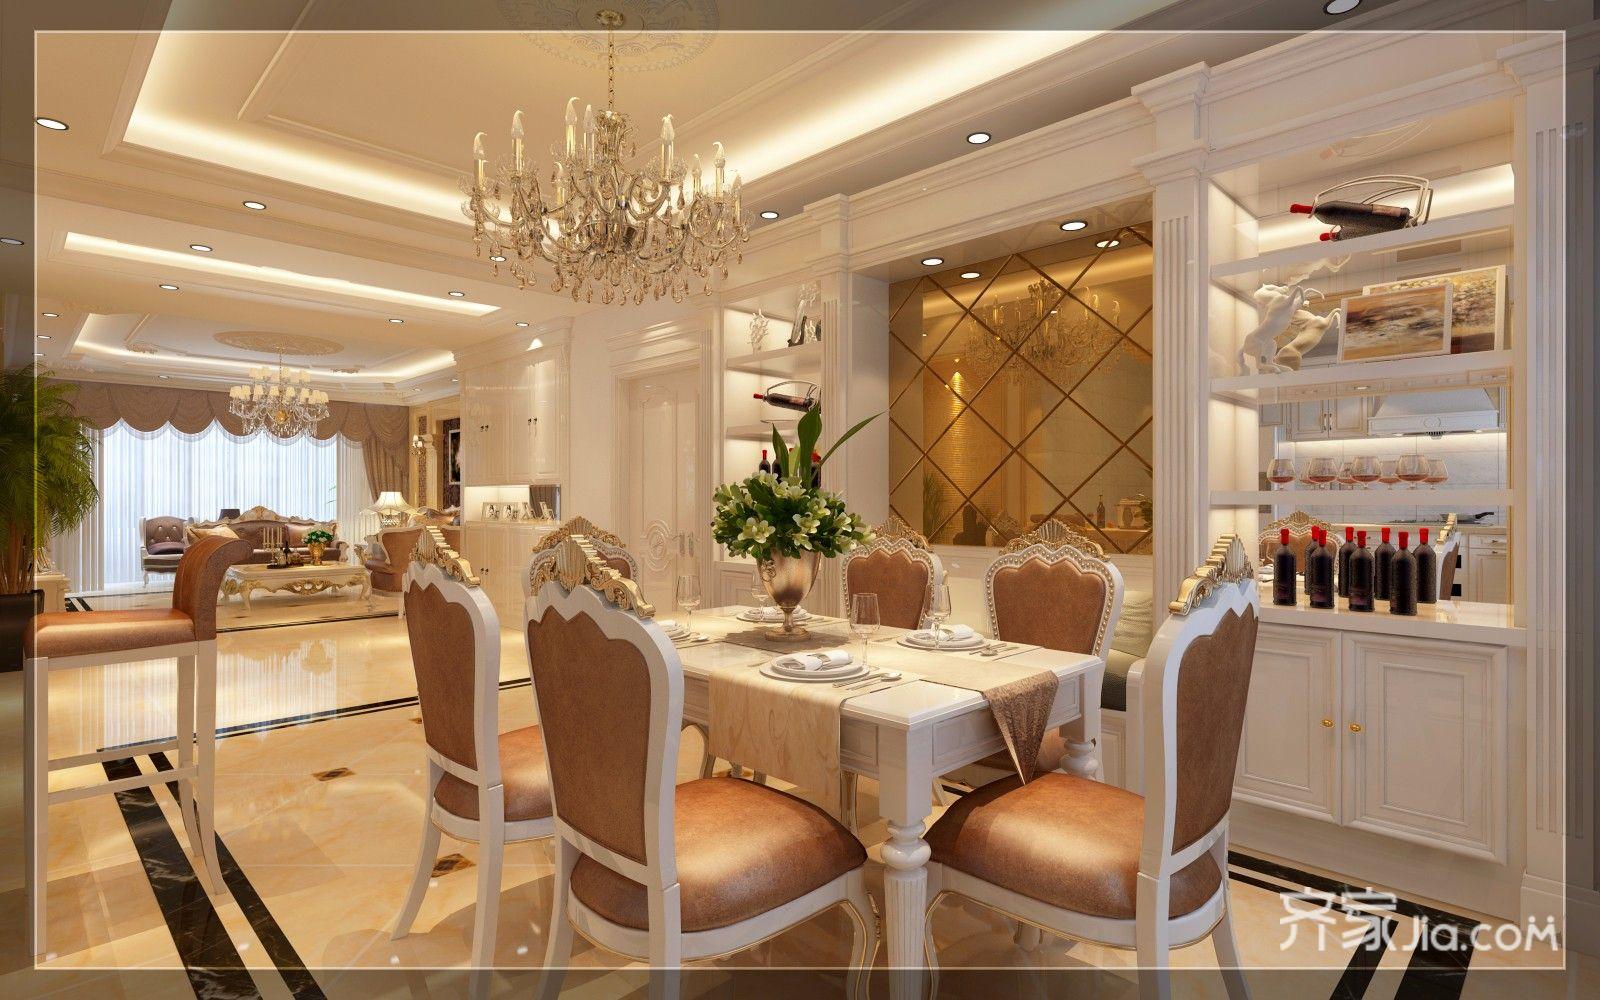 豪华欧式风格三居餐厅装修效果图